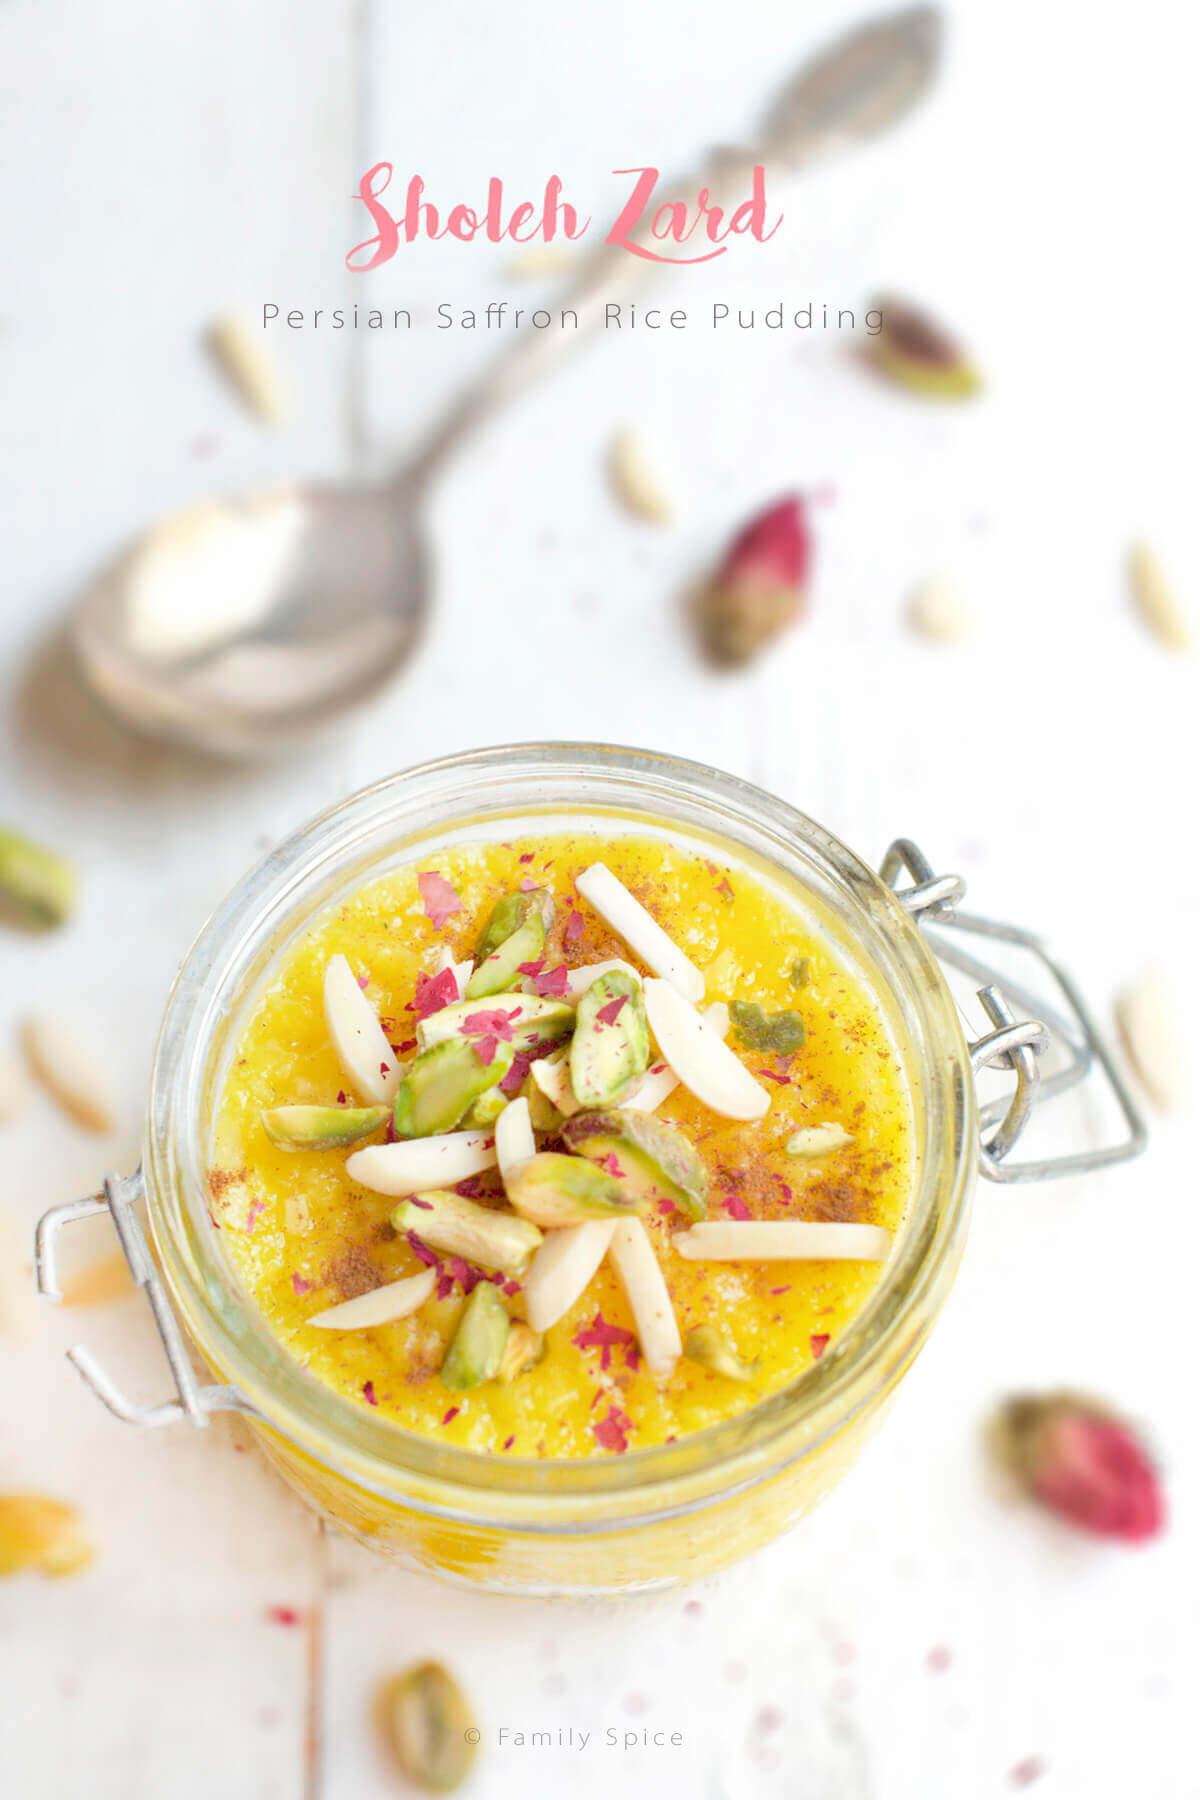 Persian Saffron Rice Pudding - Sholeh Zard by FamilySpice.com